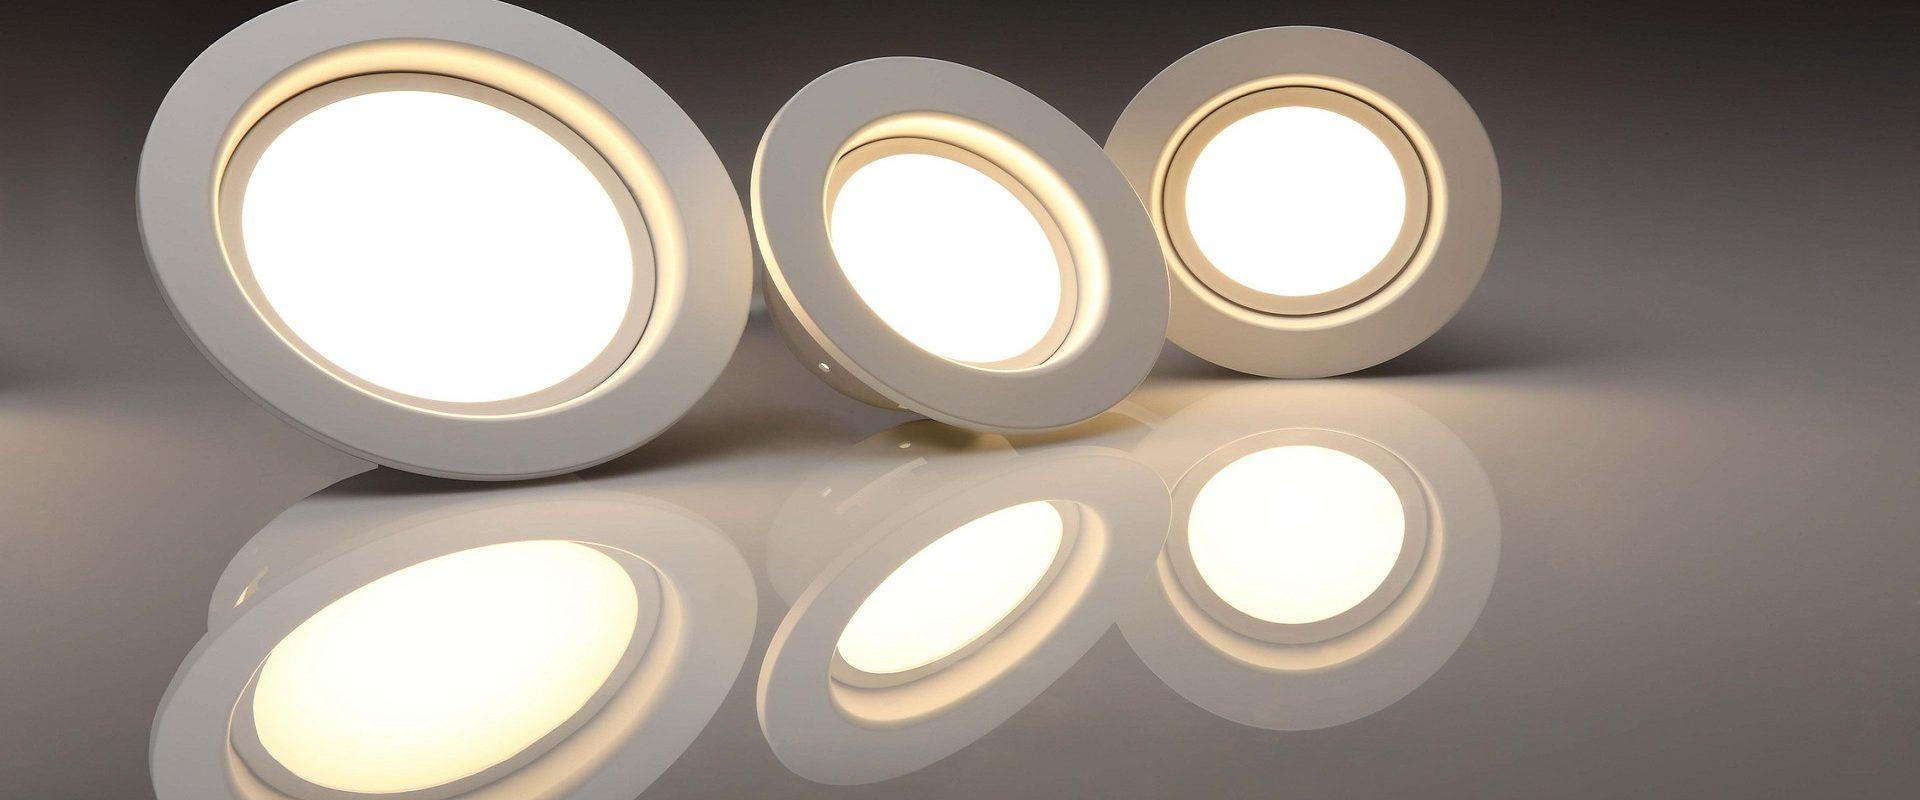 Iluminación LED y Ahorro Energético - Electricidad J.Bolsa